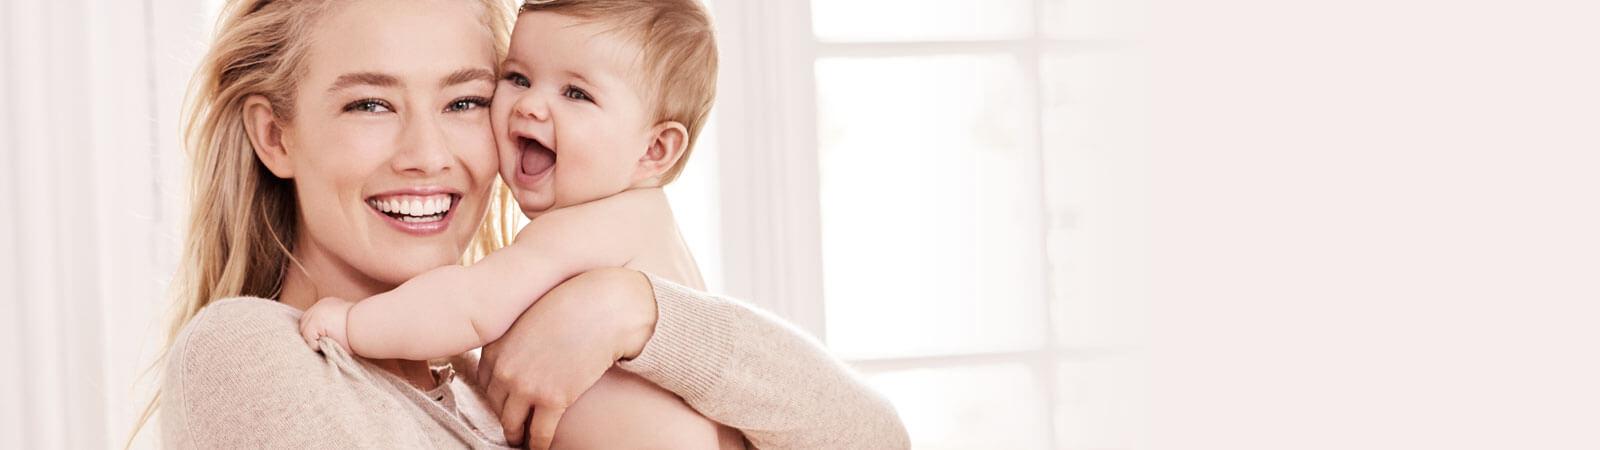 Fühlen Sie sich schön während der Schwangerschaft